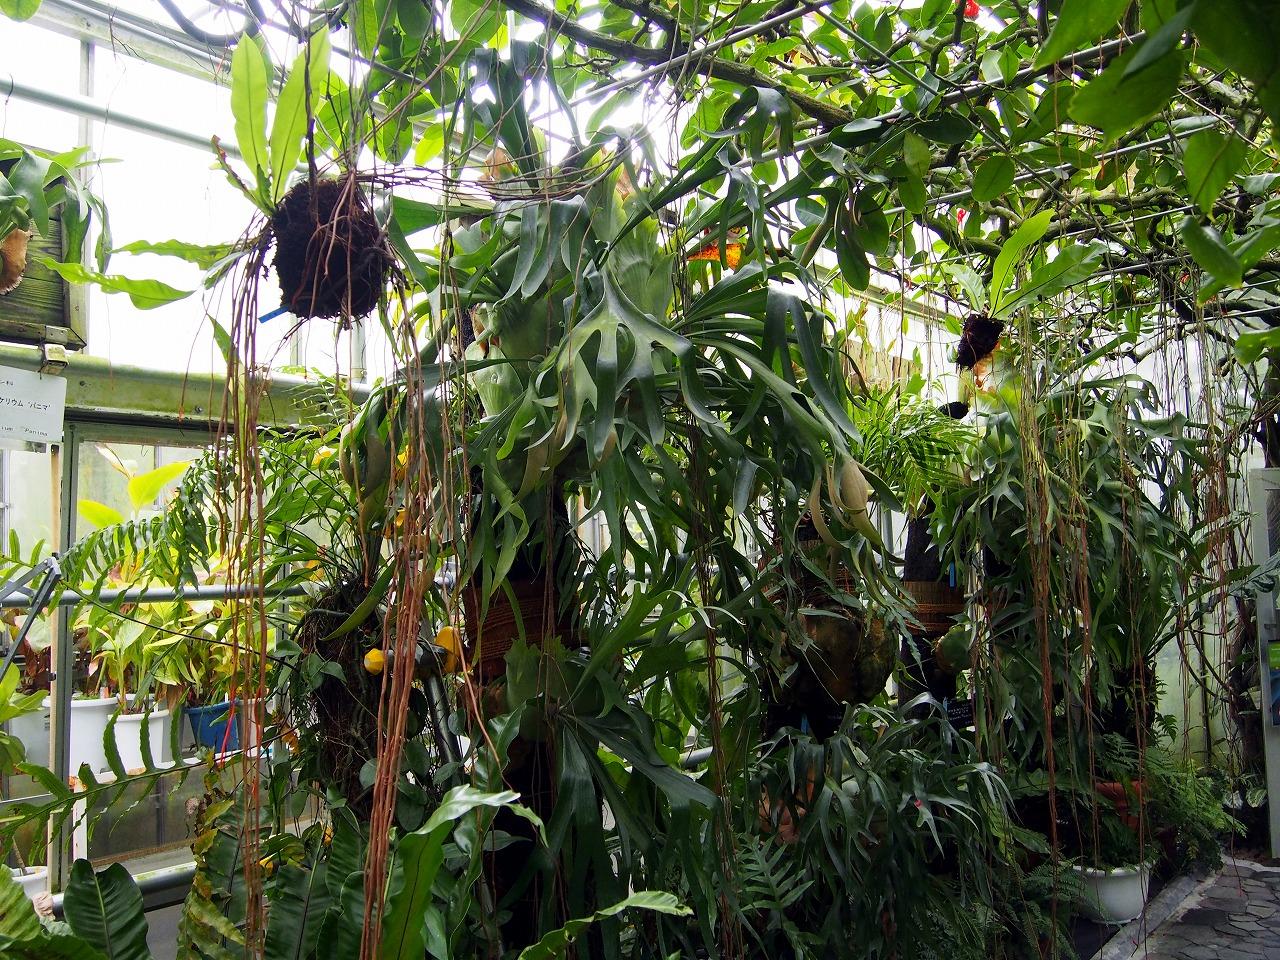 BotanicalGarden113_20141115.jpg